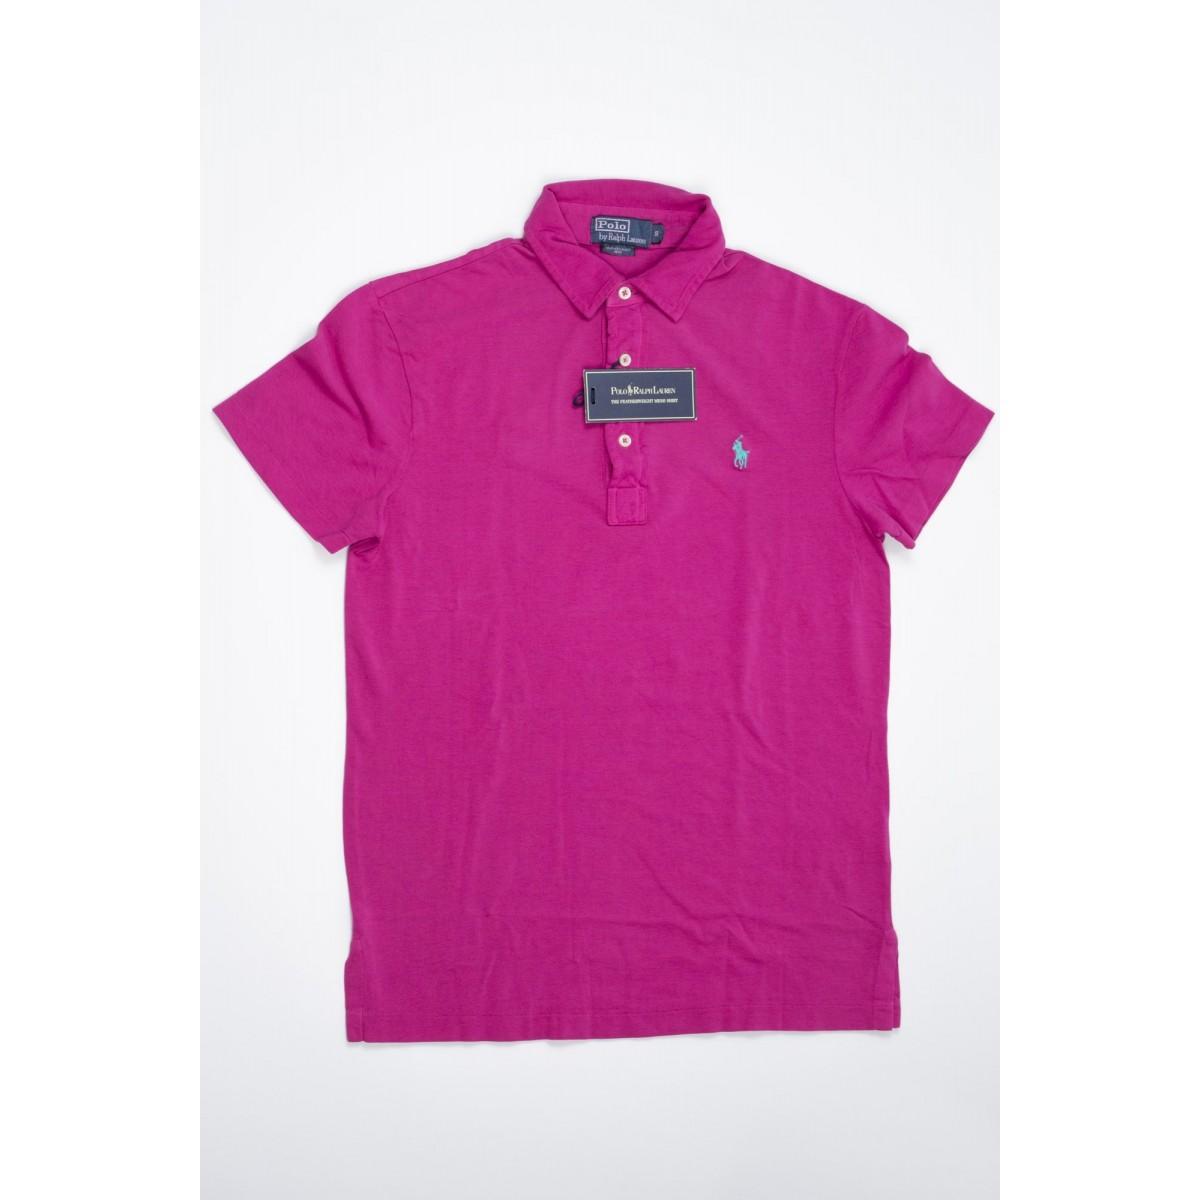 Polo Short Sleeve Man Polo Ralph Lauren - A12Kss1Ycf5E3 Aao90 Delavata Polo Manica Corta Uomo Nido D'Ape